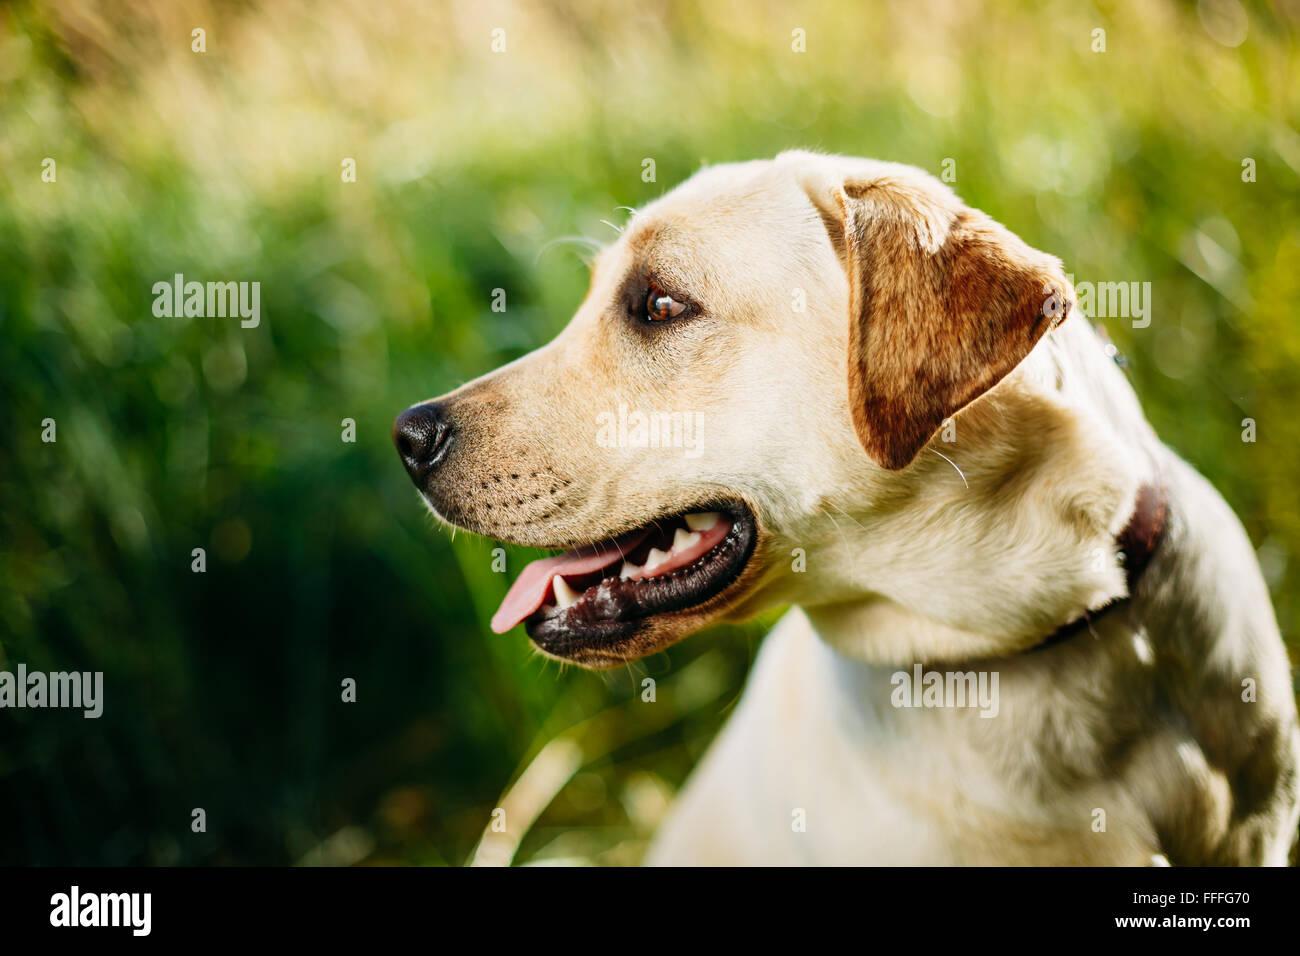 Cerrar Cara de Perro Labrador Retriever blanco divertido sentarse en la hierba verde Foto de stock